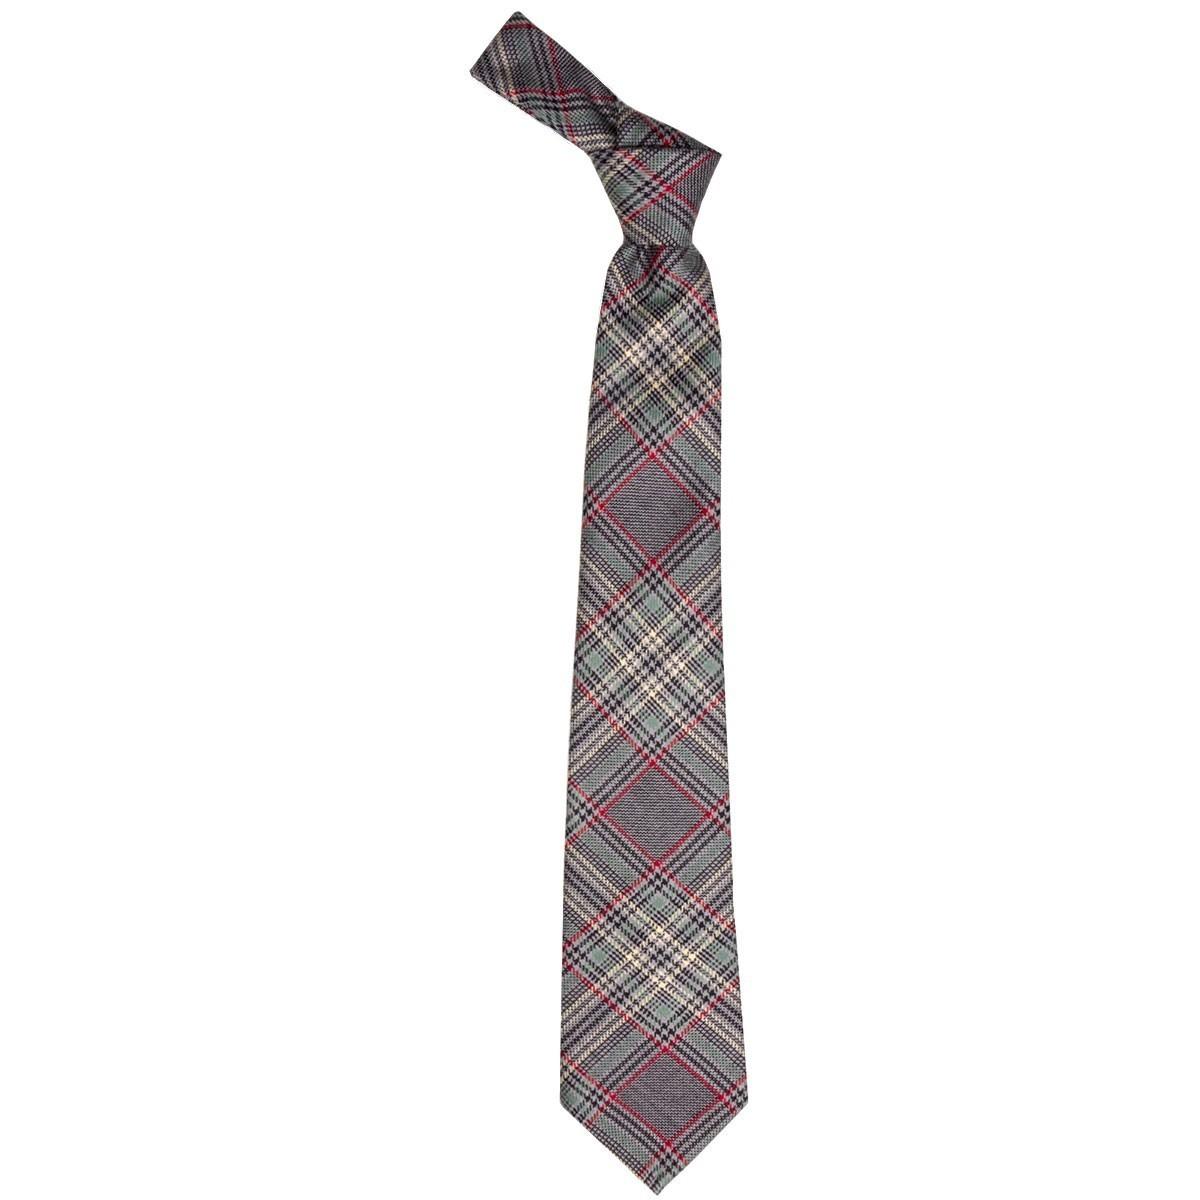 Plockton Check Lochcarron of Scotland Tweed Wool Tie